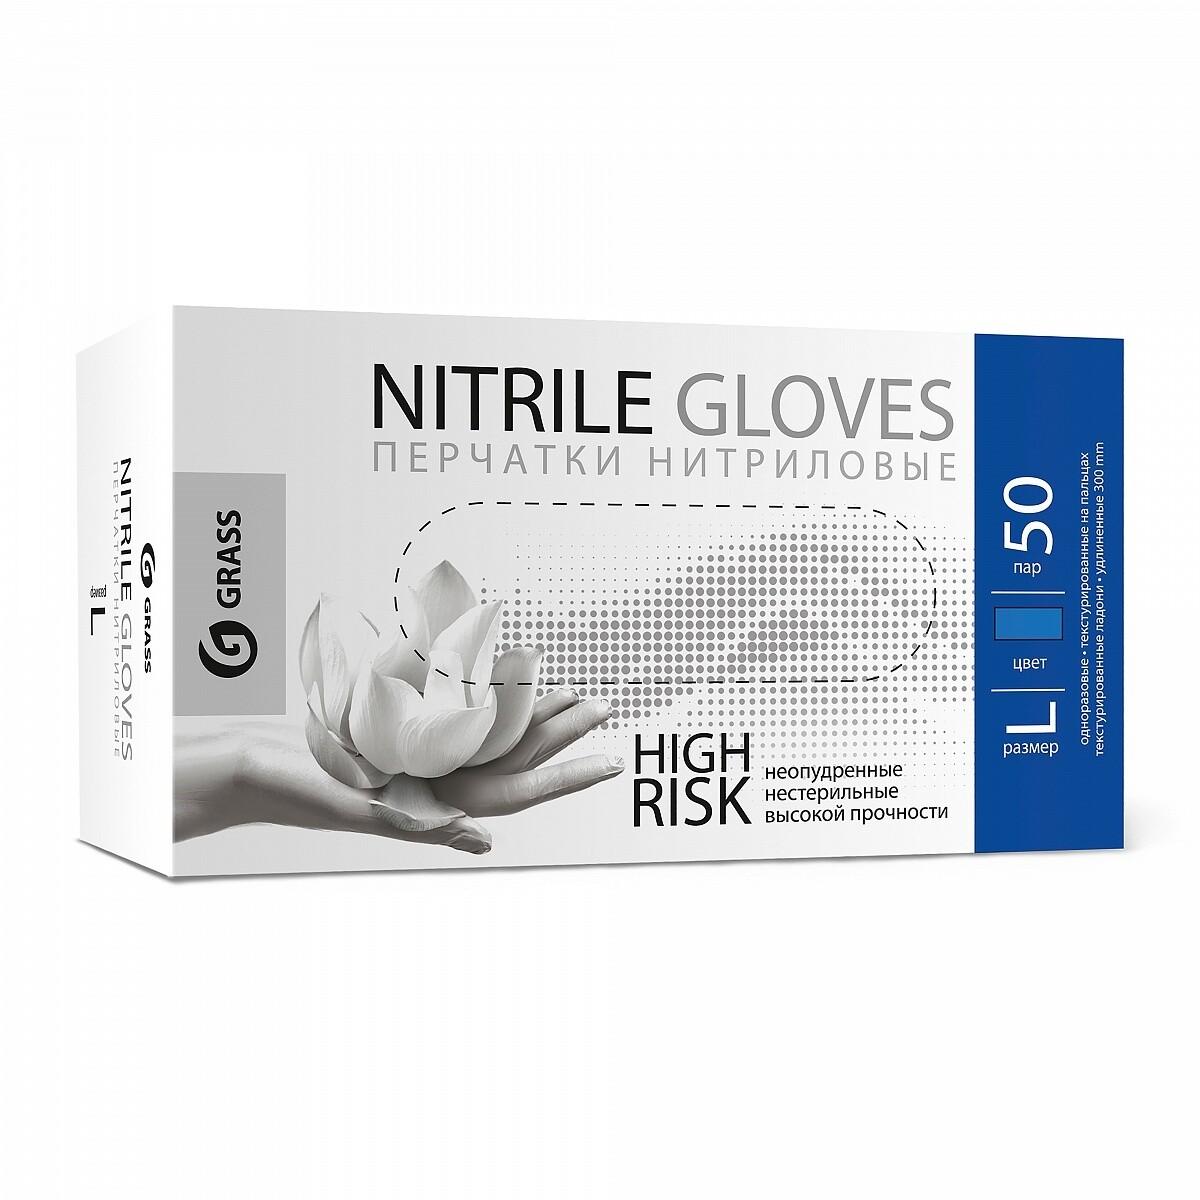 Перчатки нитриловые High Risk синие, размер L (короб 50 штук)